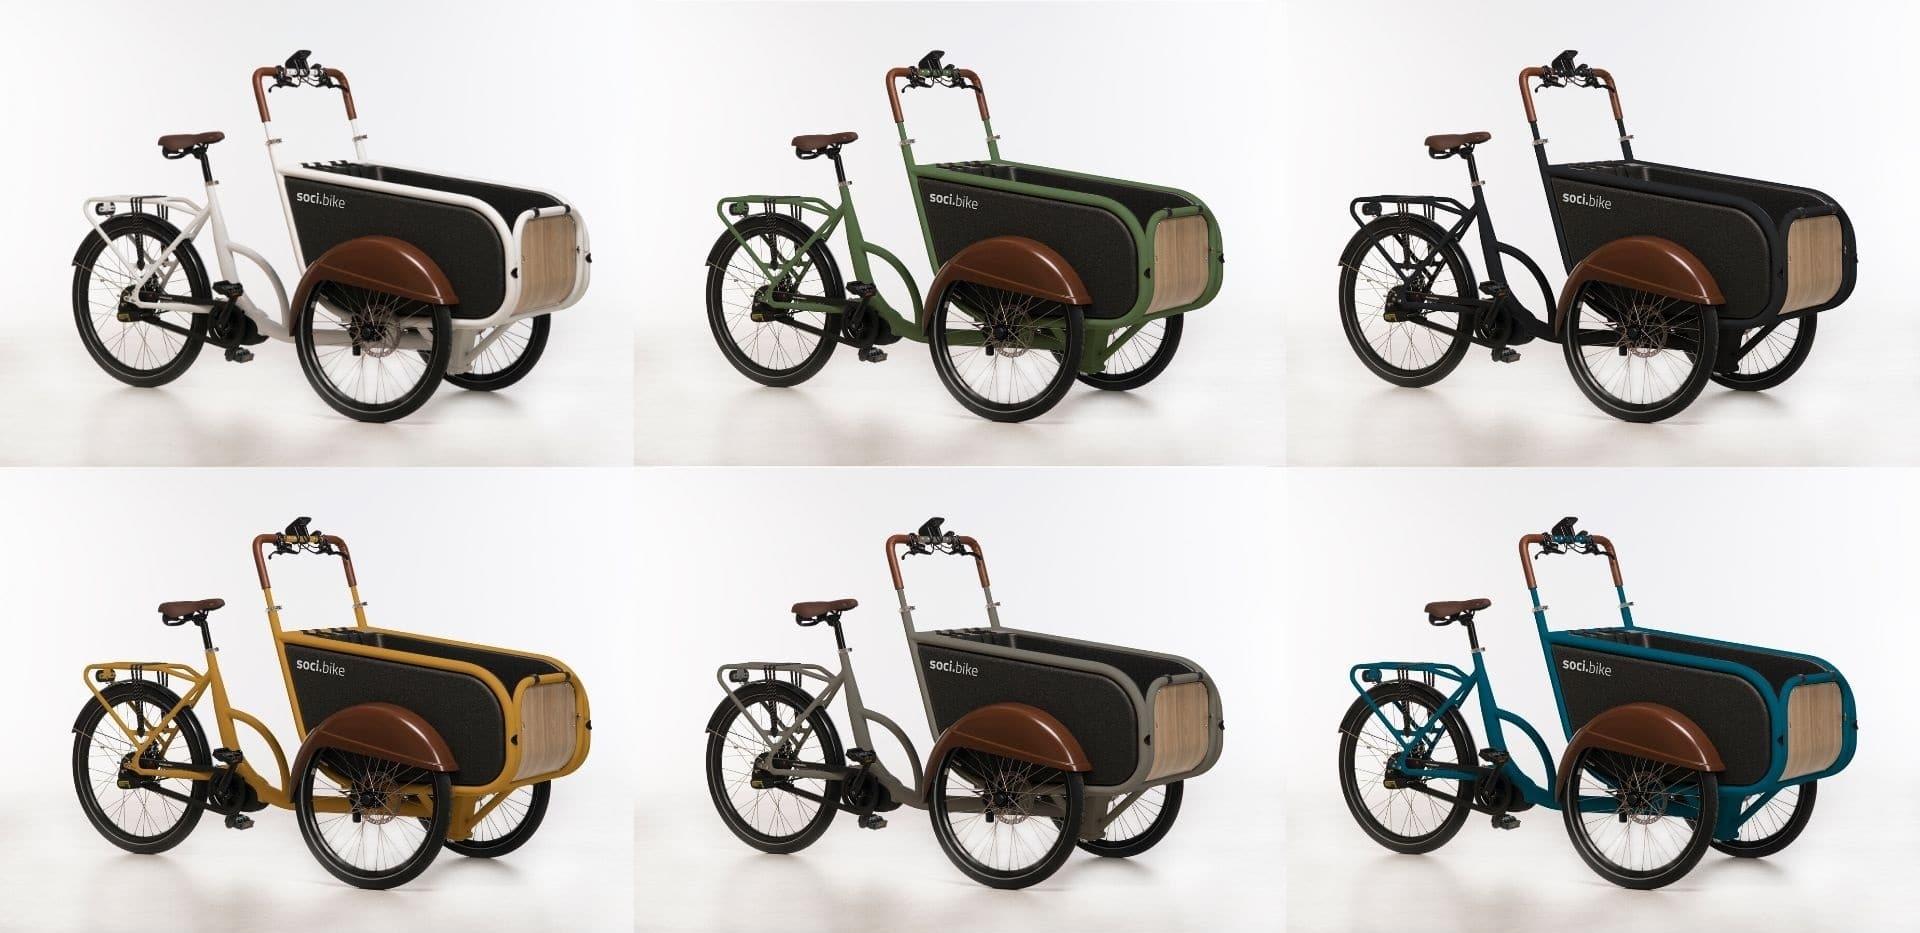 soci.bike bakfiets leverbaar in nieuwe kleuren